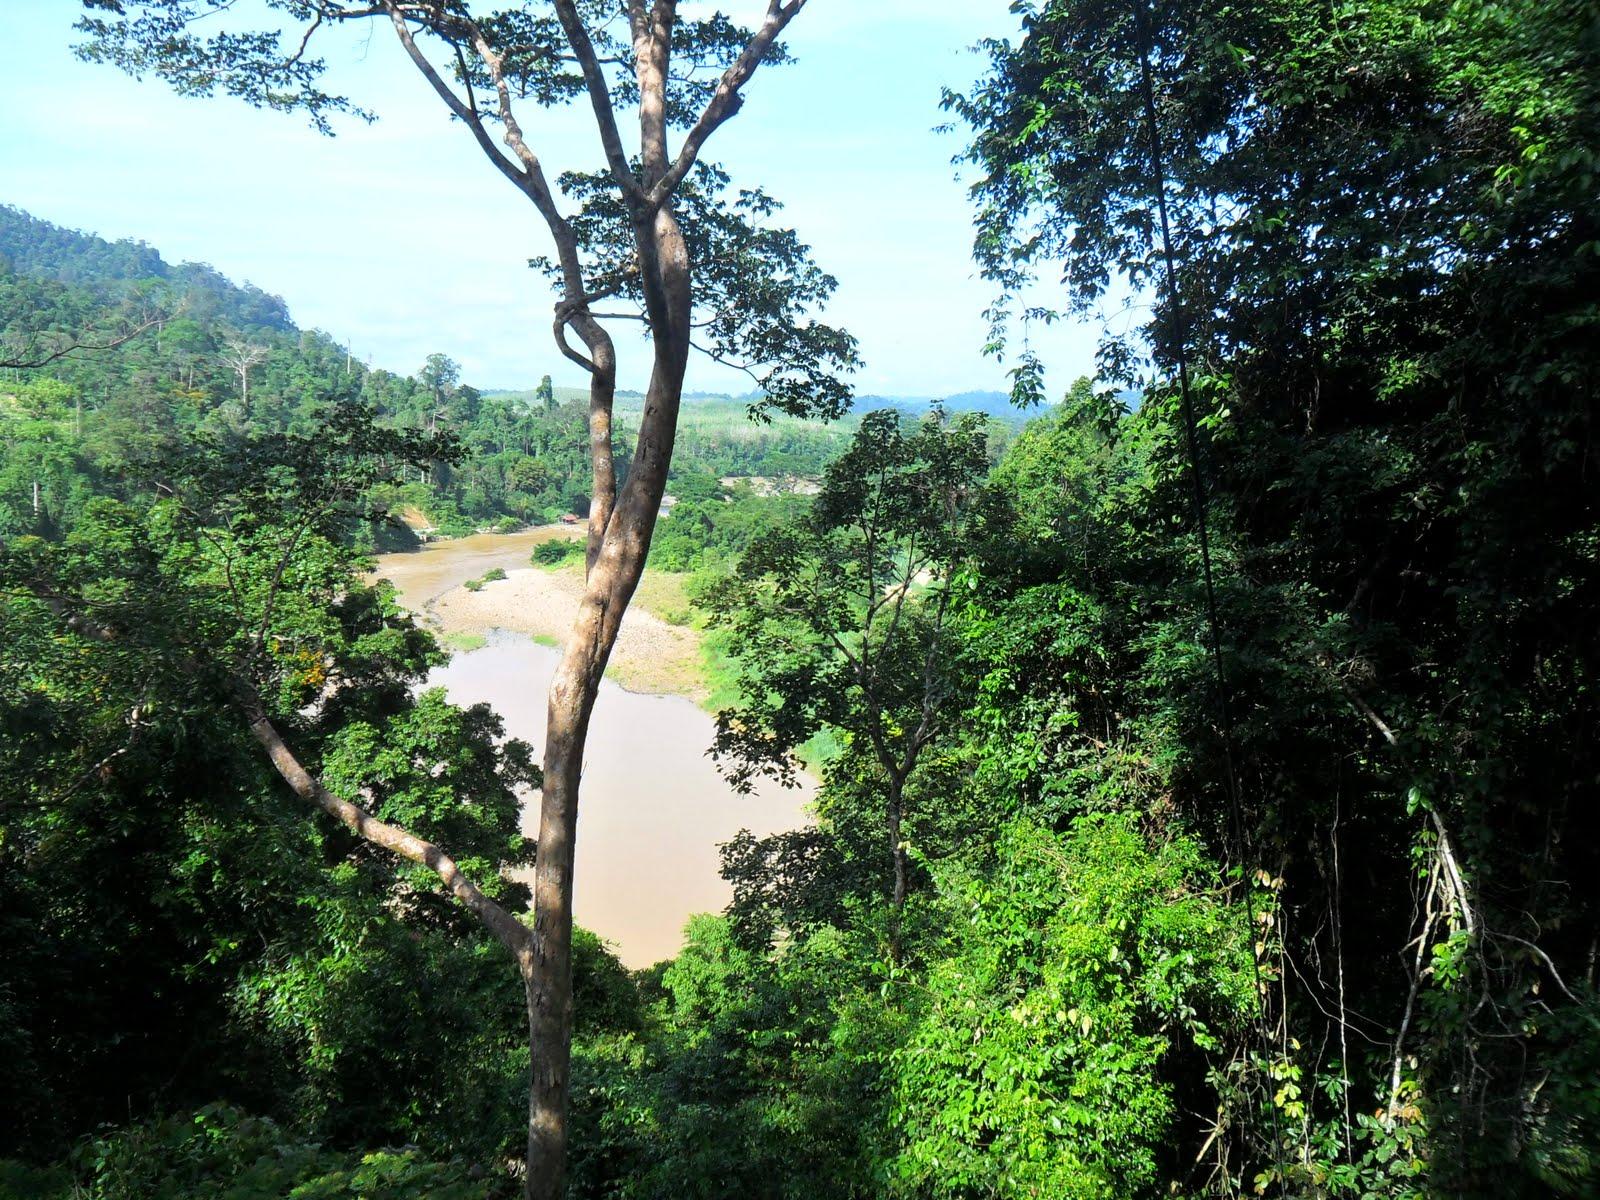 case study of taman negara malaysia tourism essay Igcse and gcse geography case studies living near volcanoes (tourism) tropical rainforests - taman negara, malaysia:.